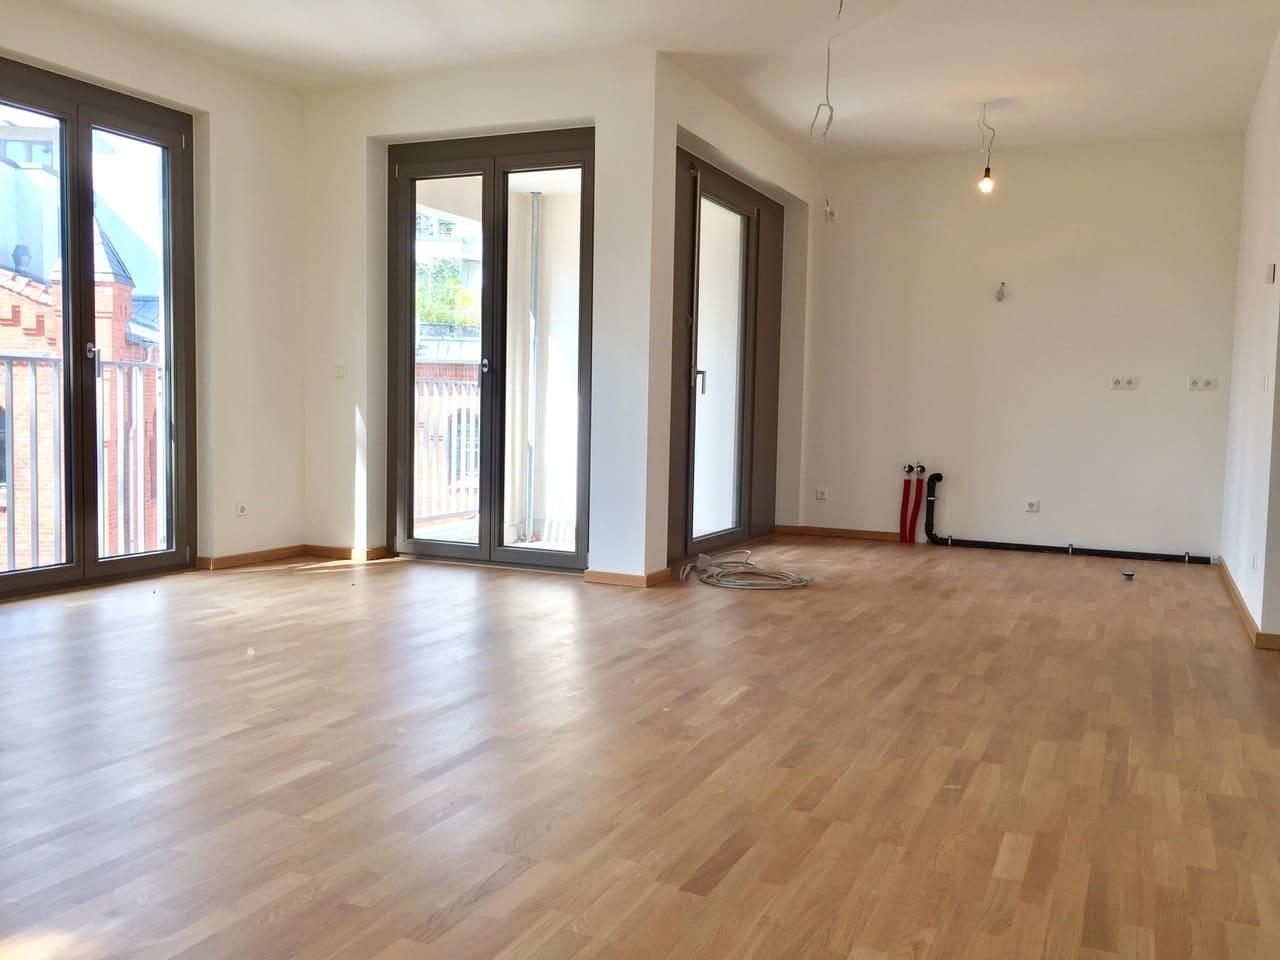 Eigentumswohnung in Berlin-Kreuzberg Bergmannkiez ...